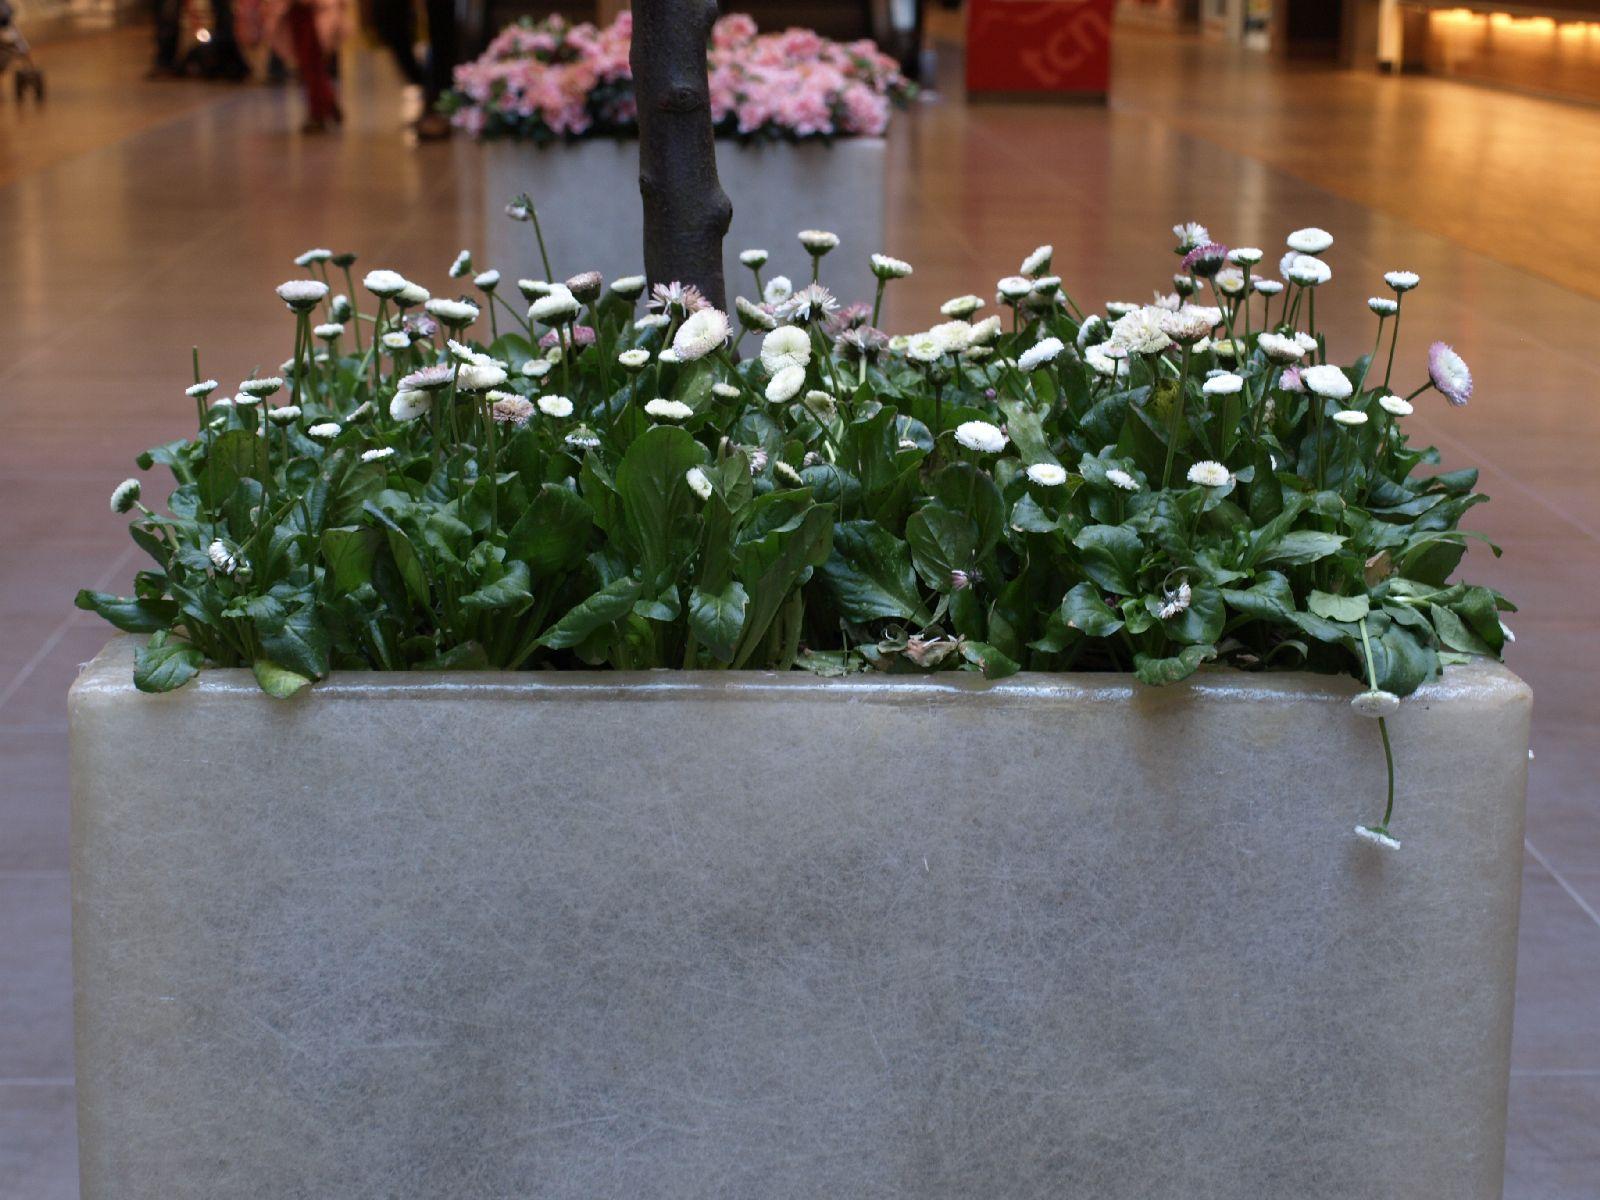 Pflanzen-Blumen-Foto_Textur_B_P4282865